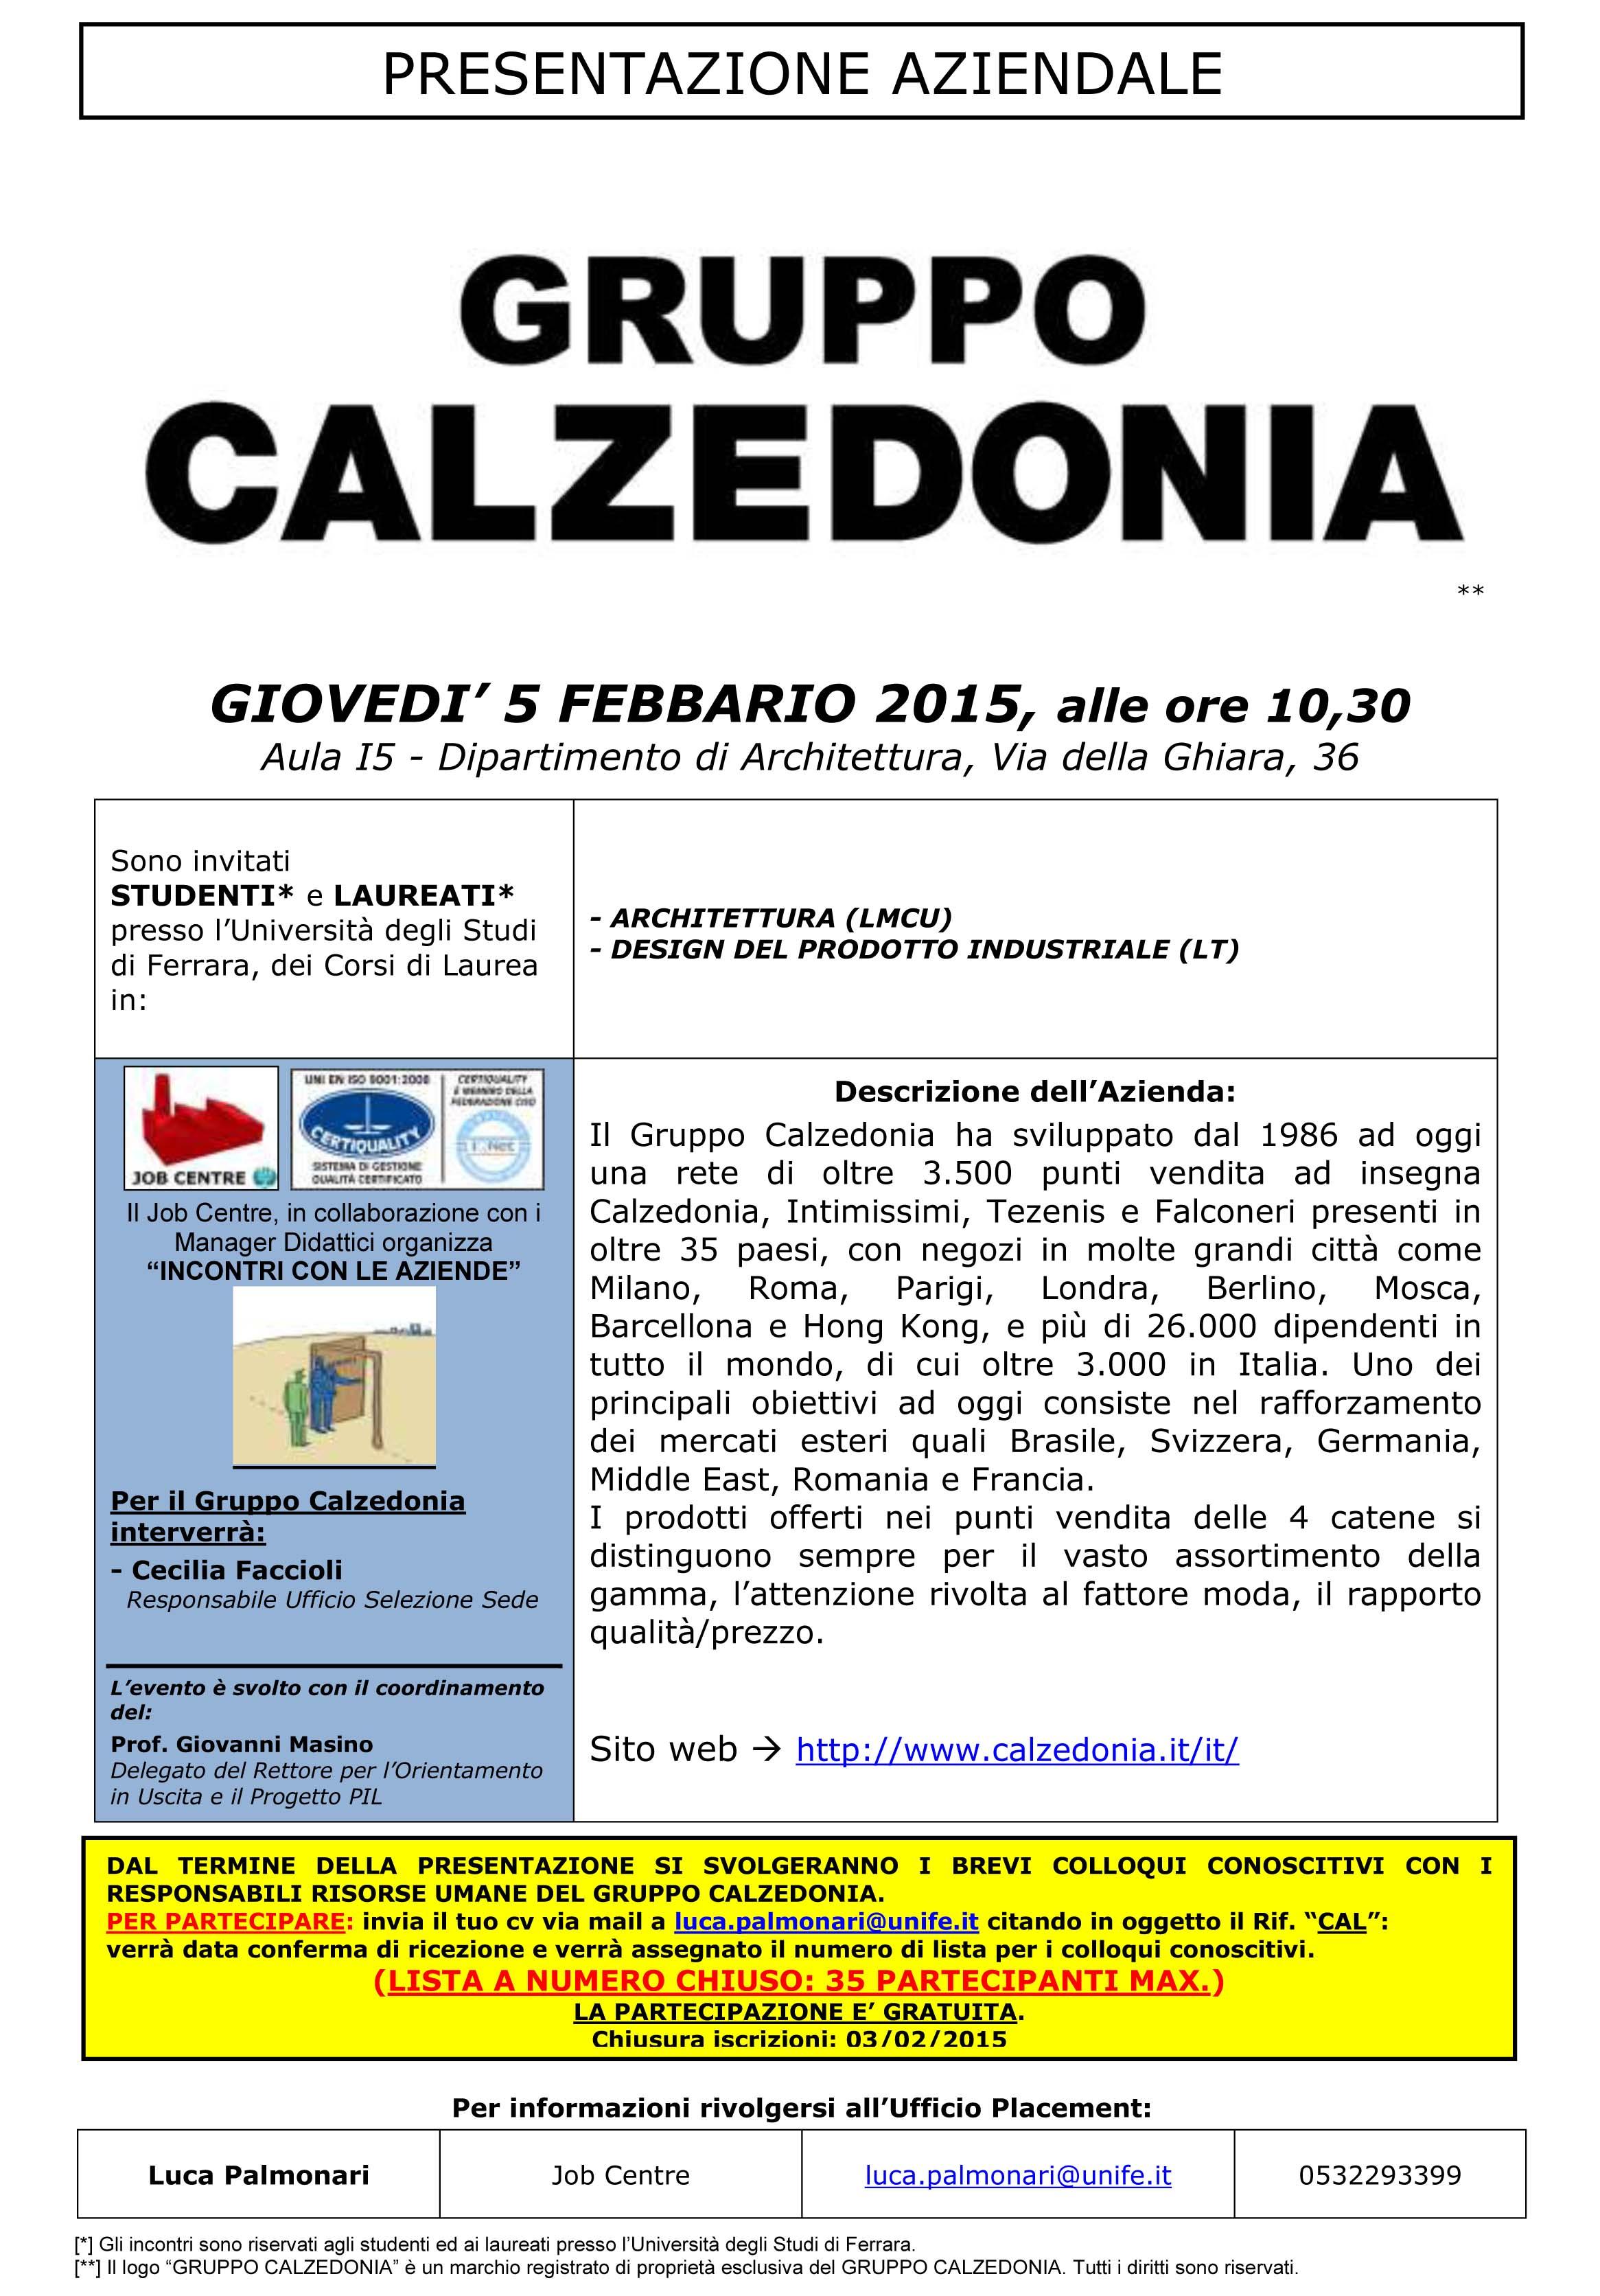 rilasciare informazioni su estetica di lusso selezione straordinaria Presentazione Aziendale Gruppo Calzedonia rivolta agli ...